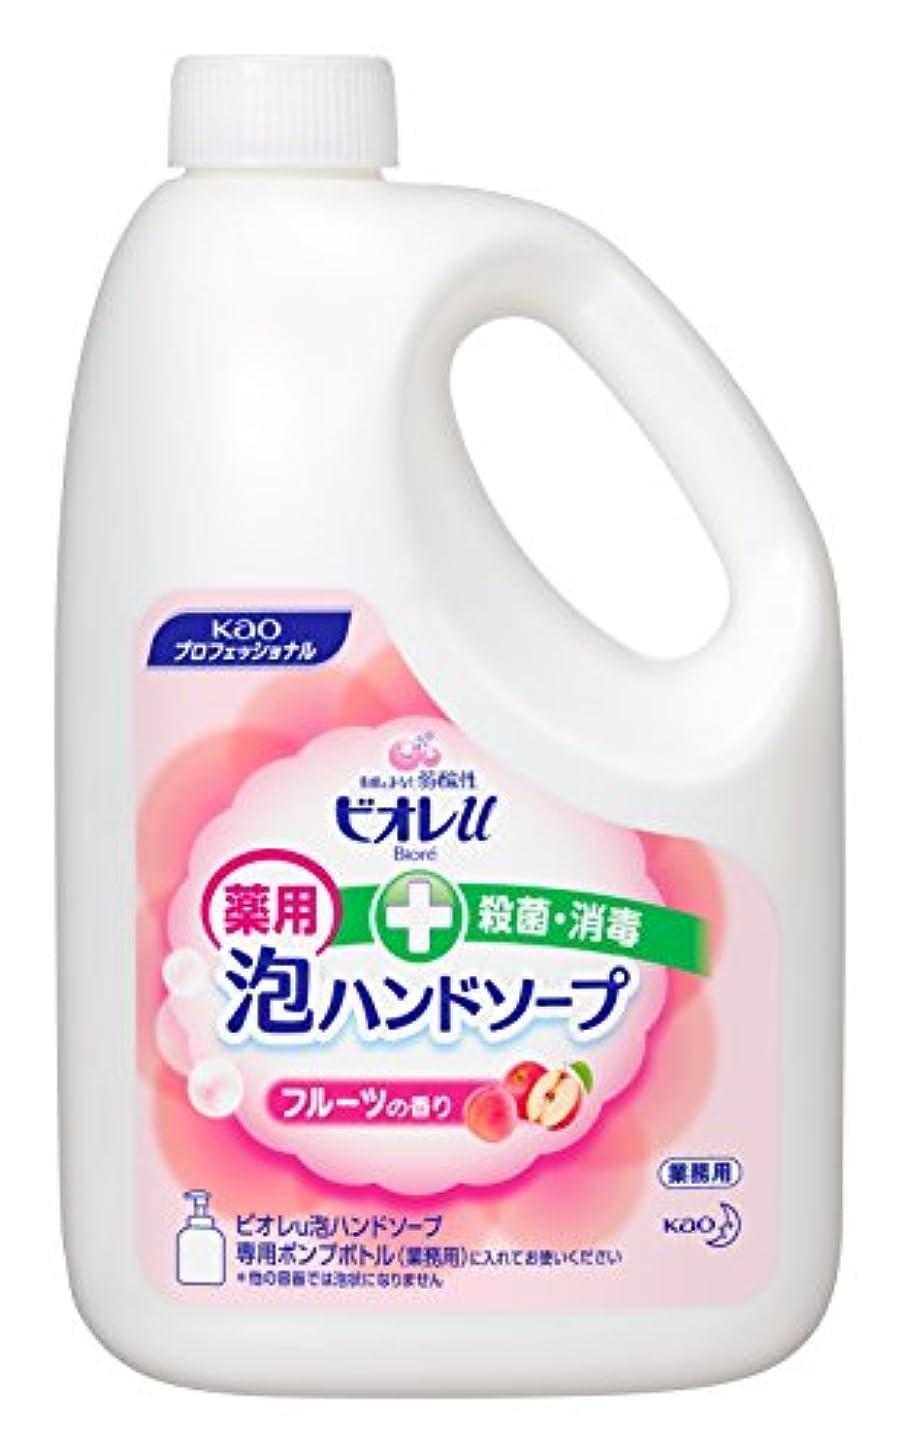 櫛八革命【業務用 泡ハンドソープ】ビオレu 泡ハンドソープ フルーツの香り 2L(プロフェッショナルシリーズ)